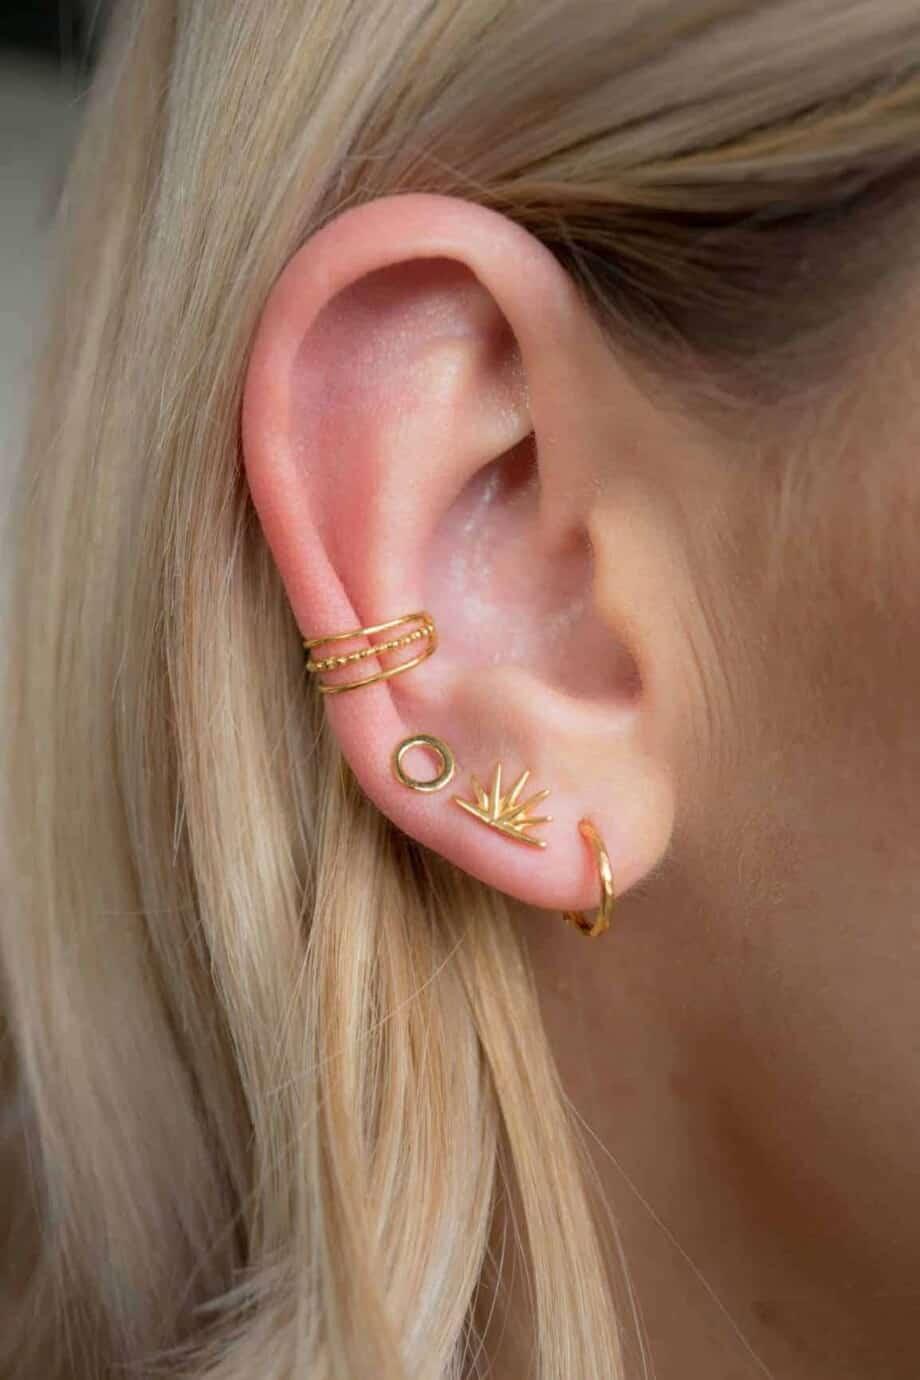 Gouden oorbellen en earcuff van Goud Vermeil